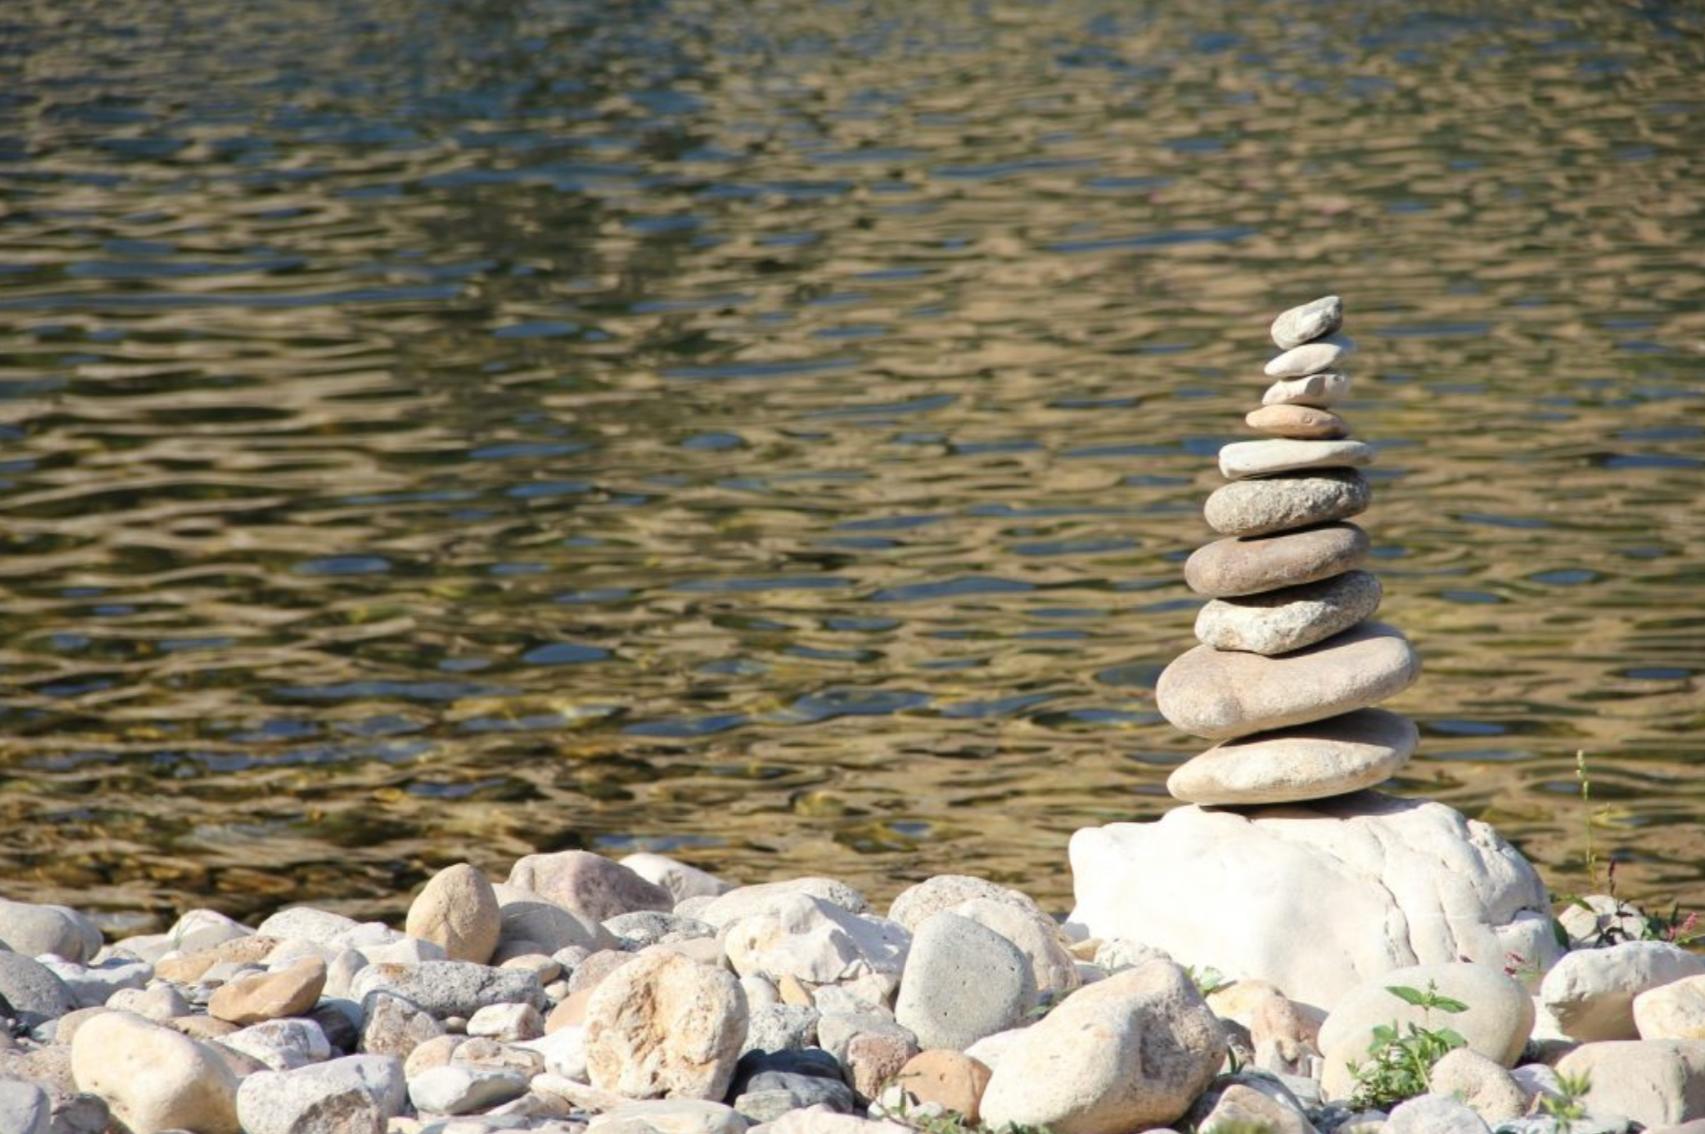 Les 9 piliers de vie à équilibrer